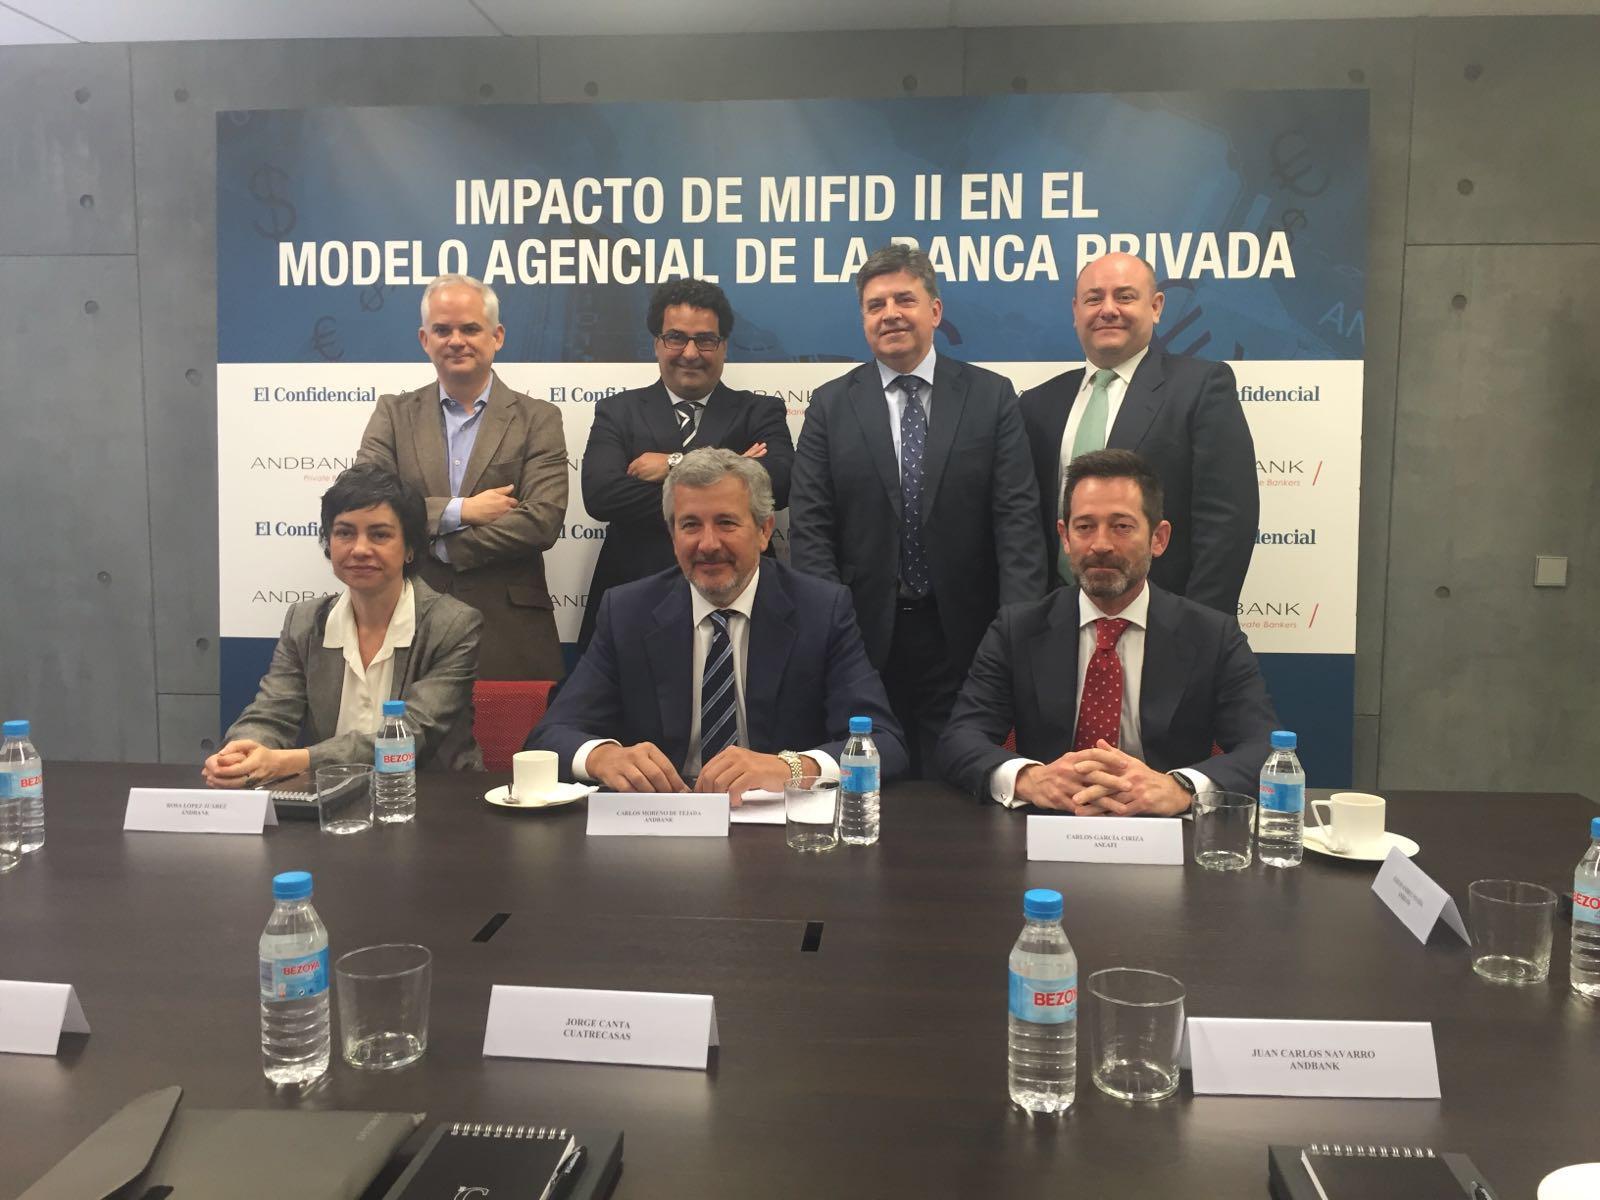 Mesa Redonda El Confidencial -Andbank: ¡Que viene la MiFID II!